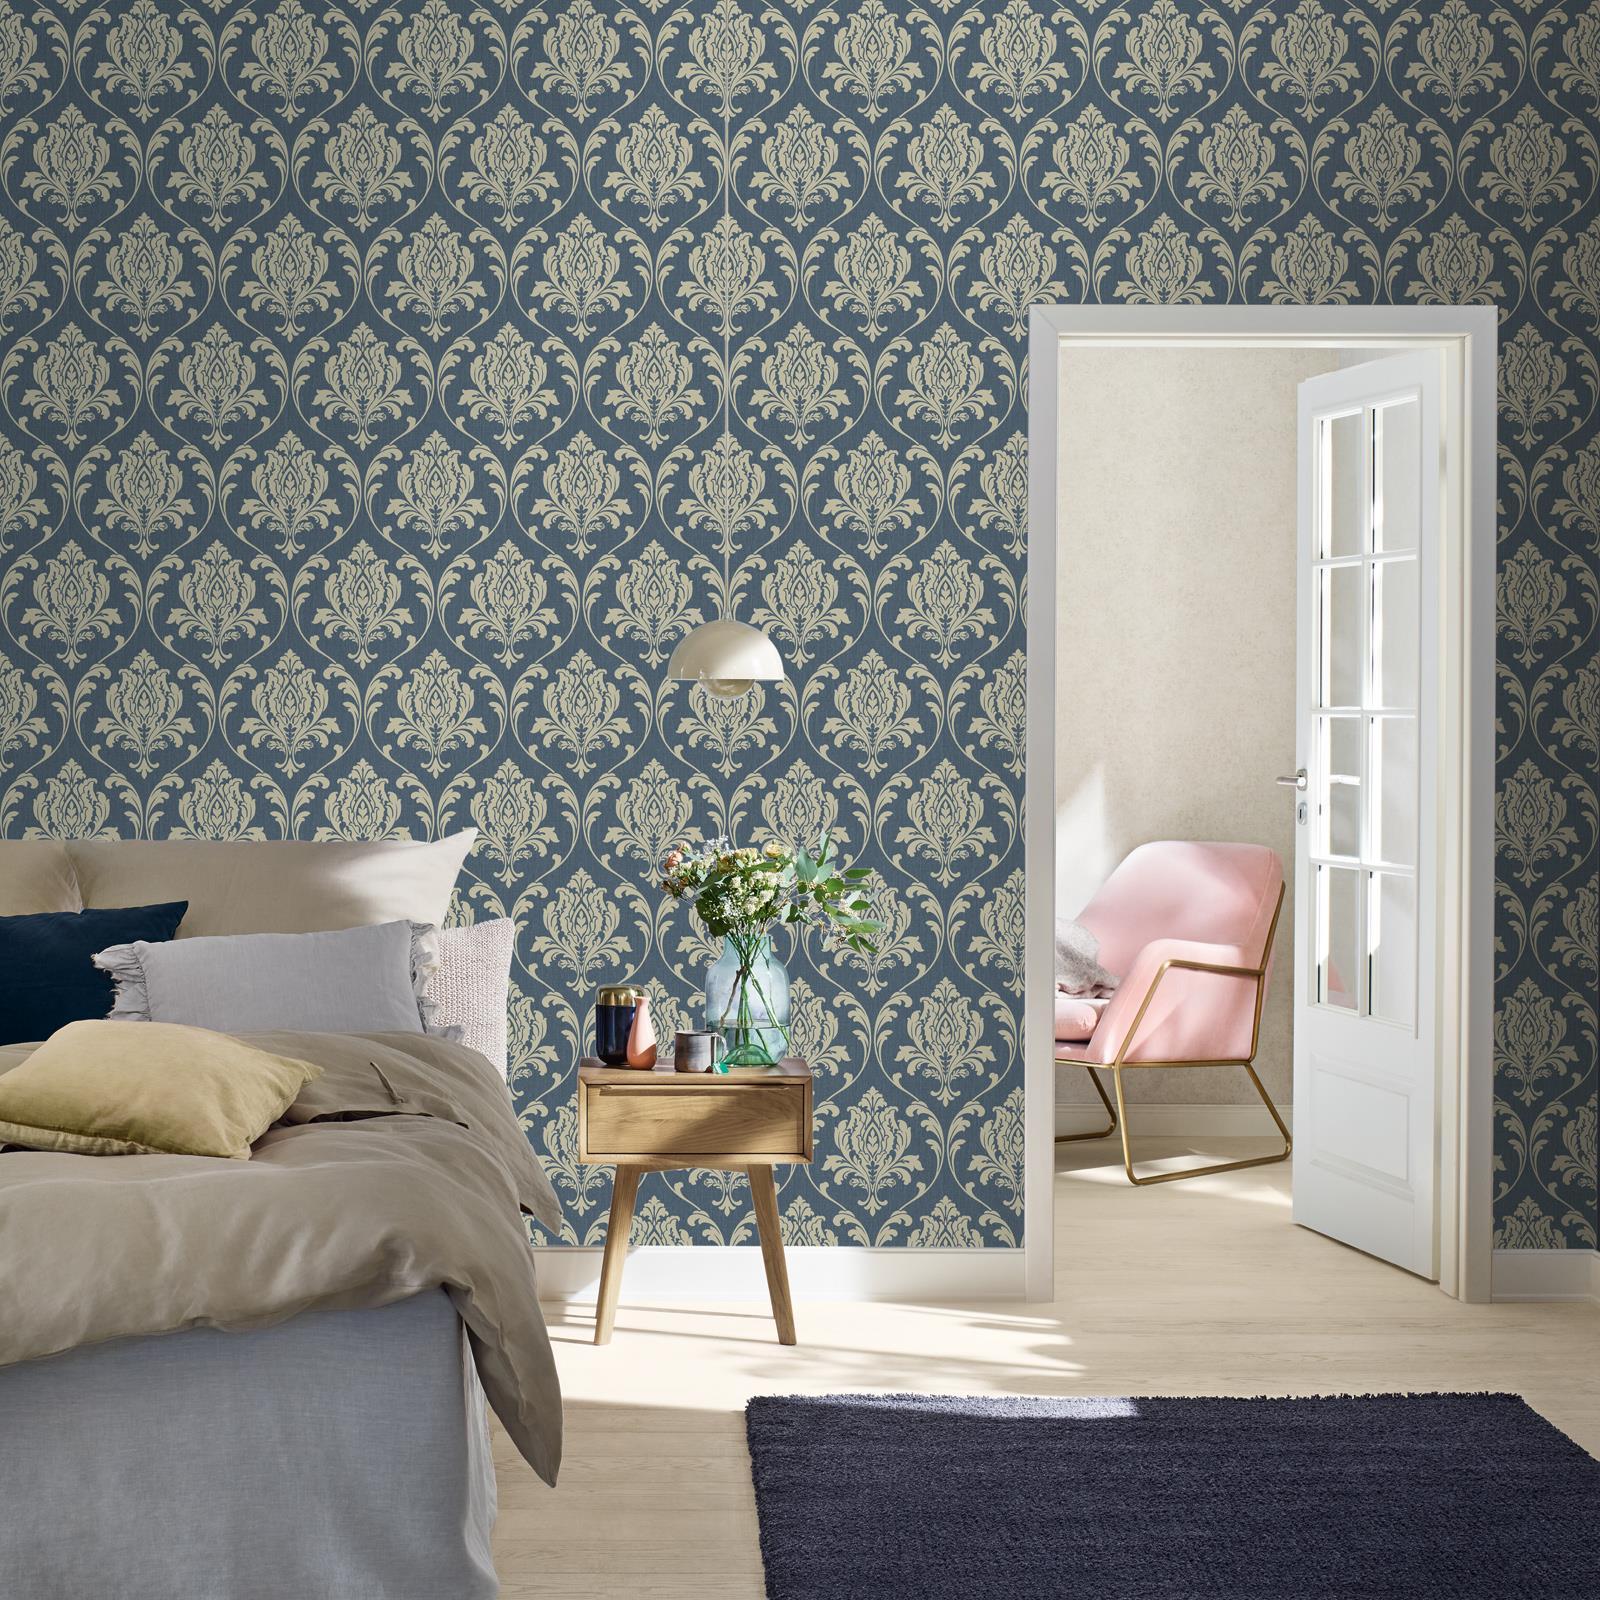 Rasch Highgrove Classic Floral Metallic Damask Duplex Wallpaper Duck Egg /& Navy